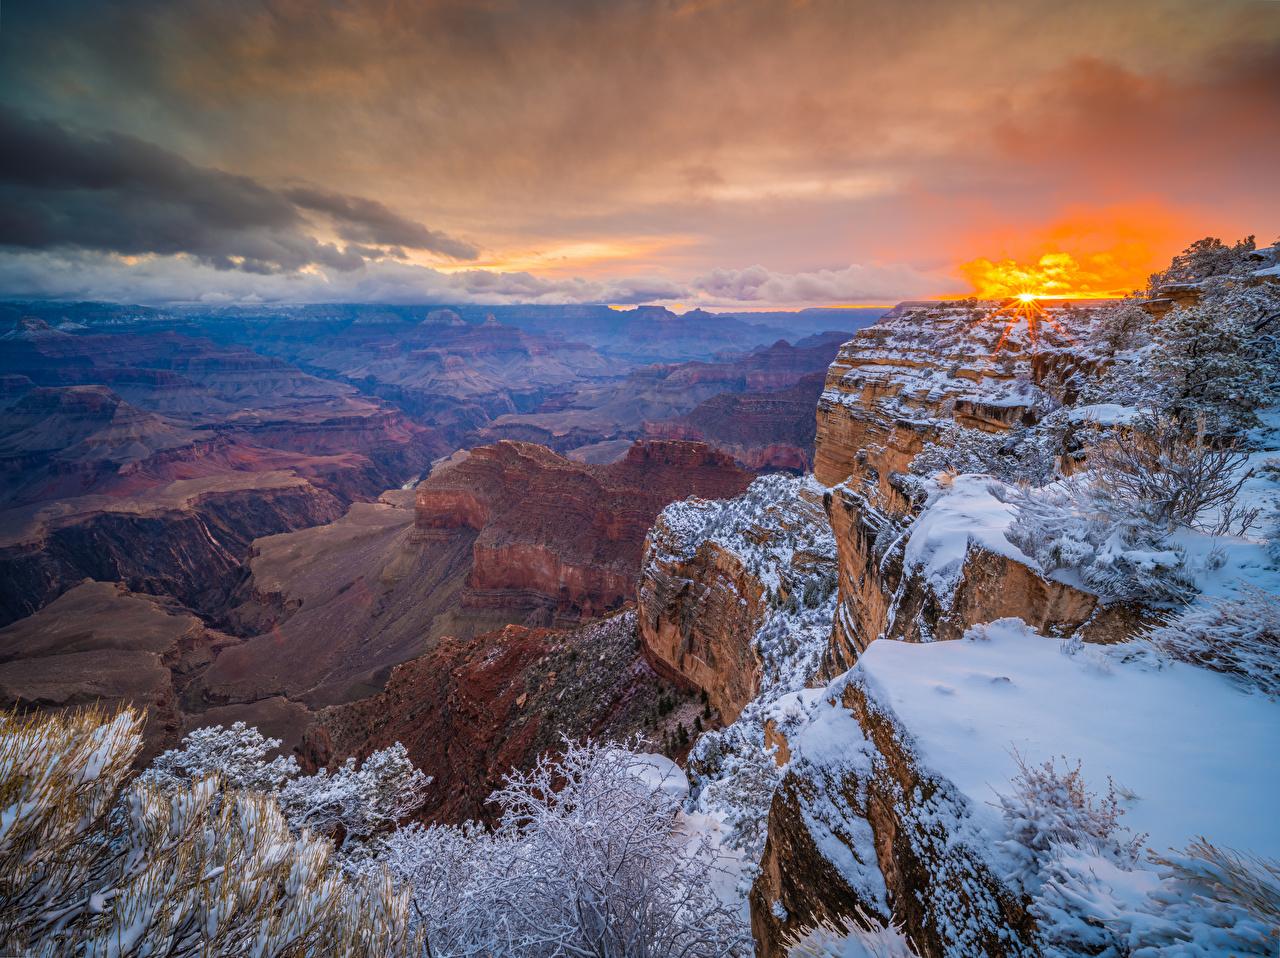 Обои для рабочего стола Гранд-Каньон парк штаты Arizona Утес каньона Природа Парки Рассветы и закаты США америка Скала скале скалы Каньон каньоны парк рассвет и закат